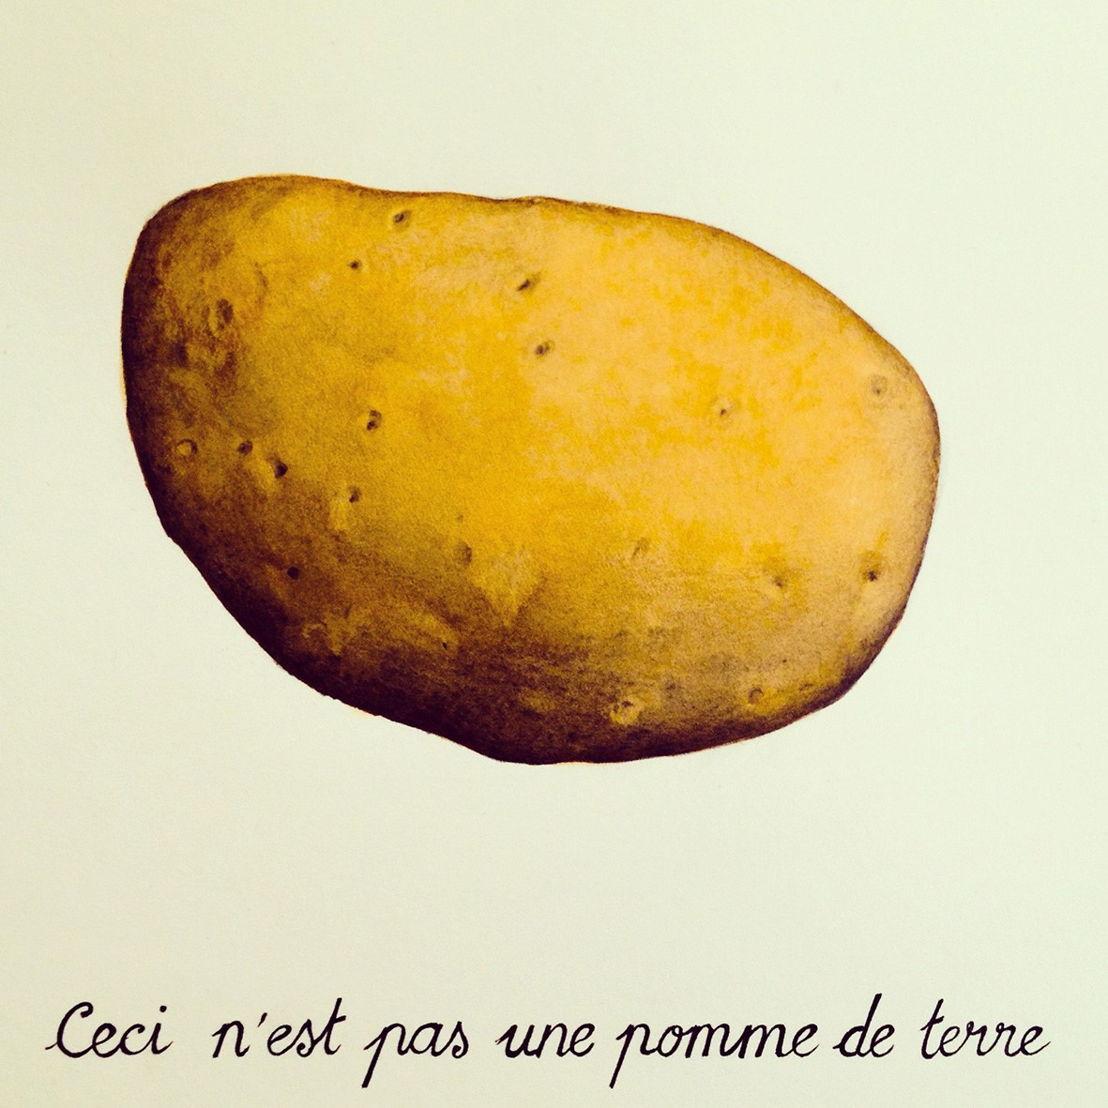 Galerie Zink_Javier Calleja, Ceci n'est pas une pomme de terre, 2014, mix media on paper, 18 x 26 cm